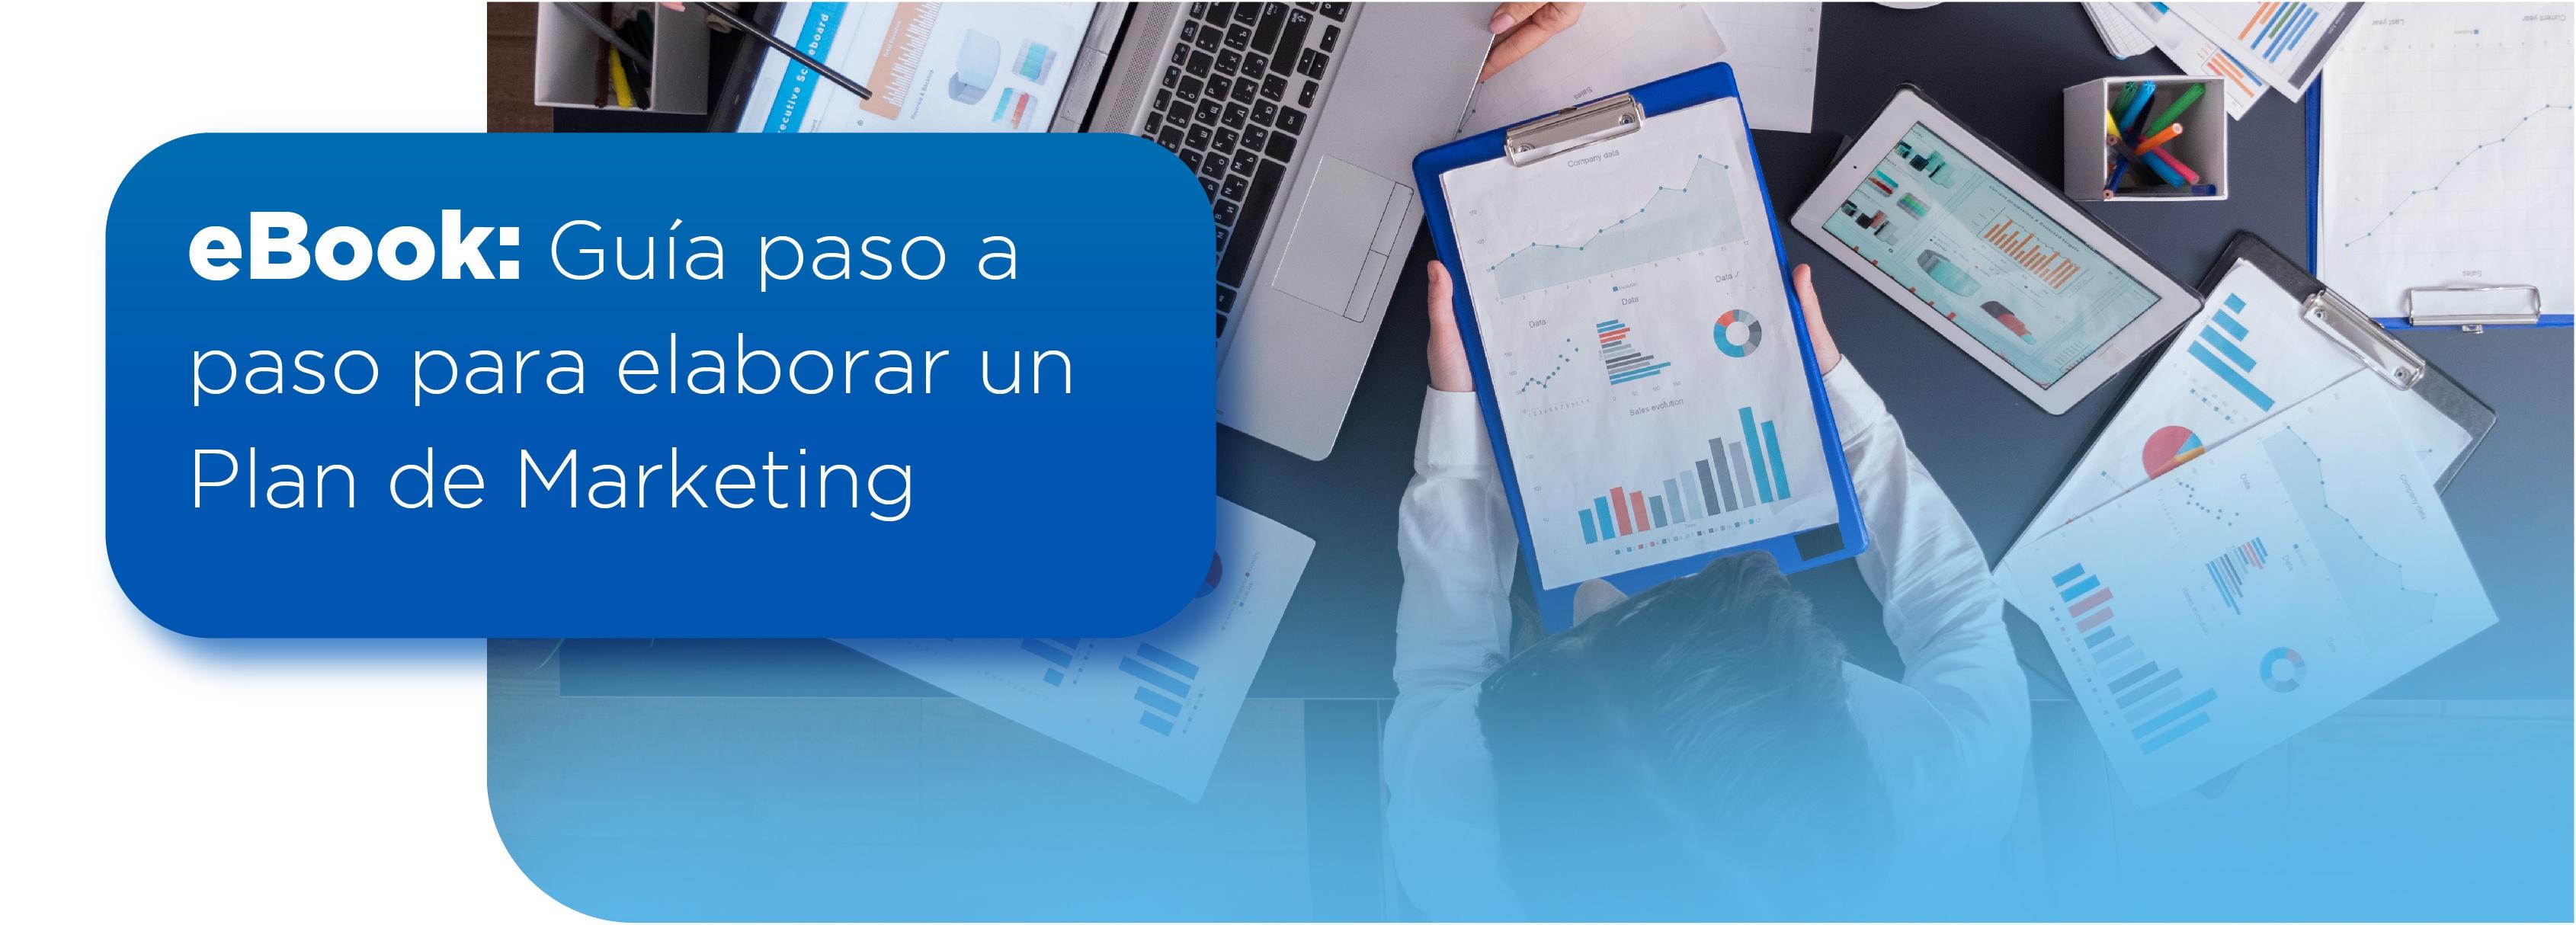 CTA-eBook-Guia-paso-a-paso-para-elaborar-un-plan-de-marketing